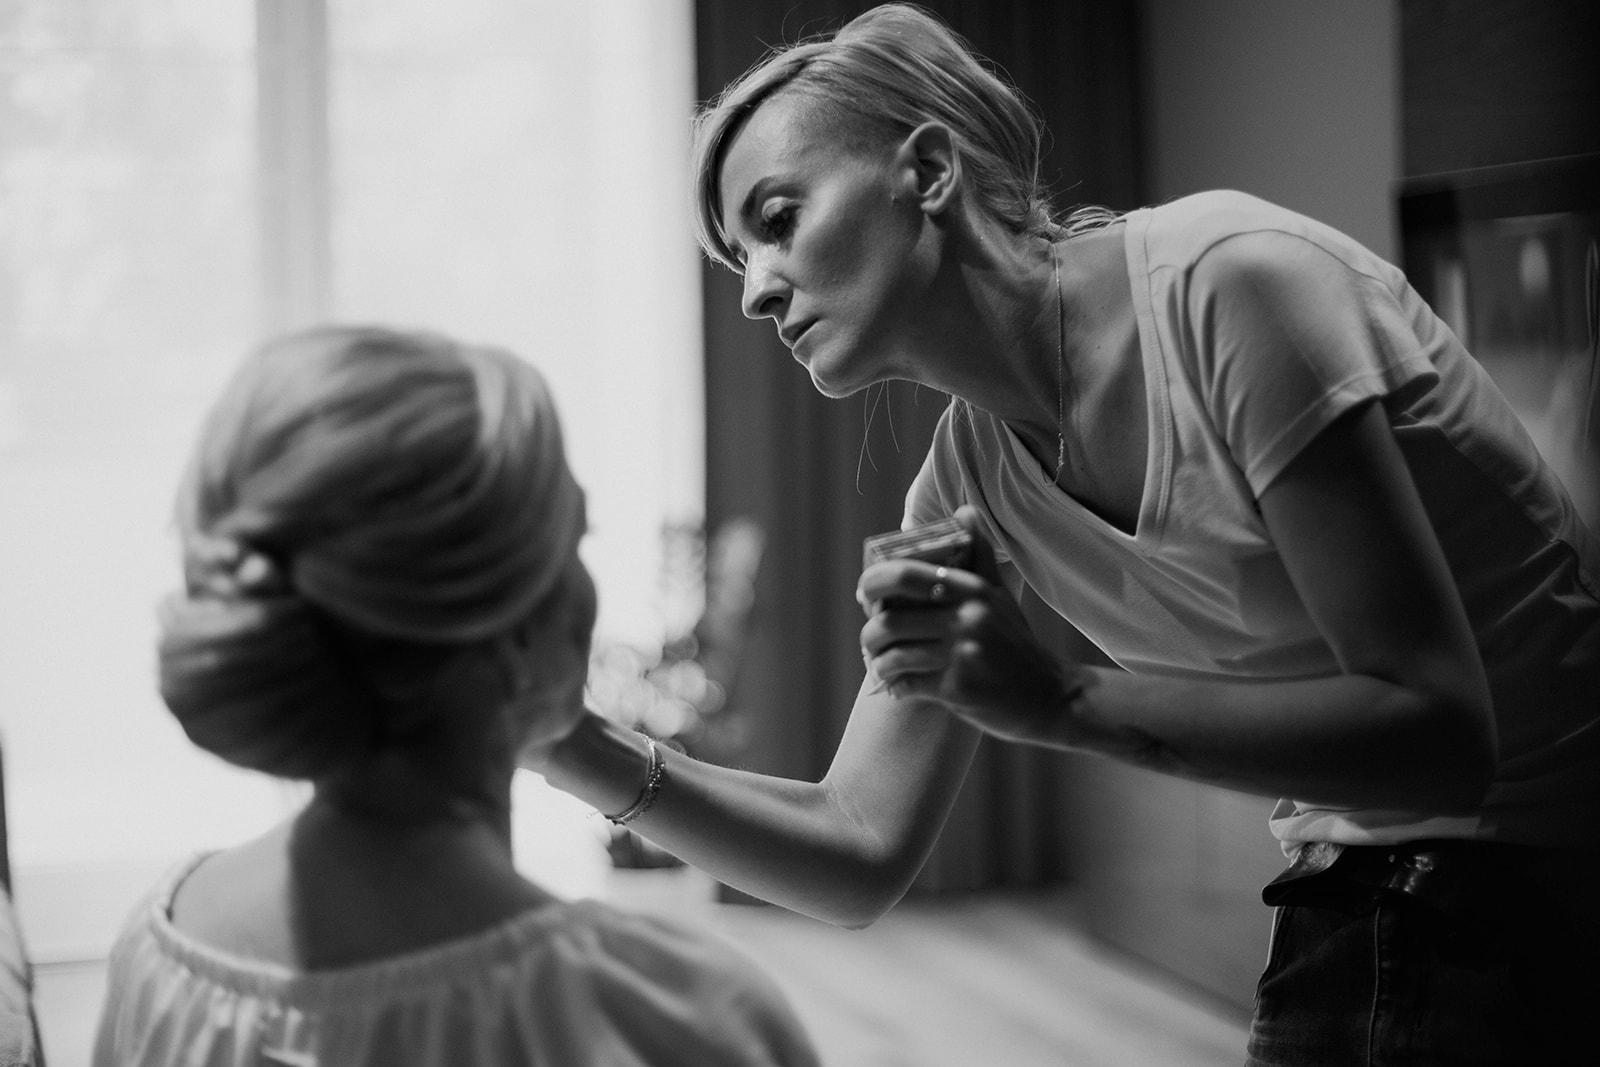 przygotowania makijaż warszawa